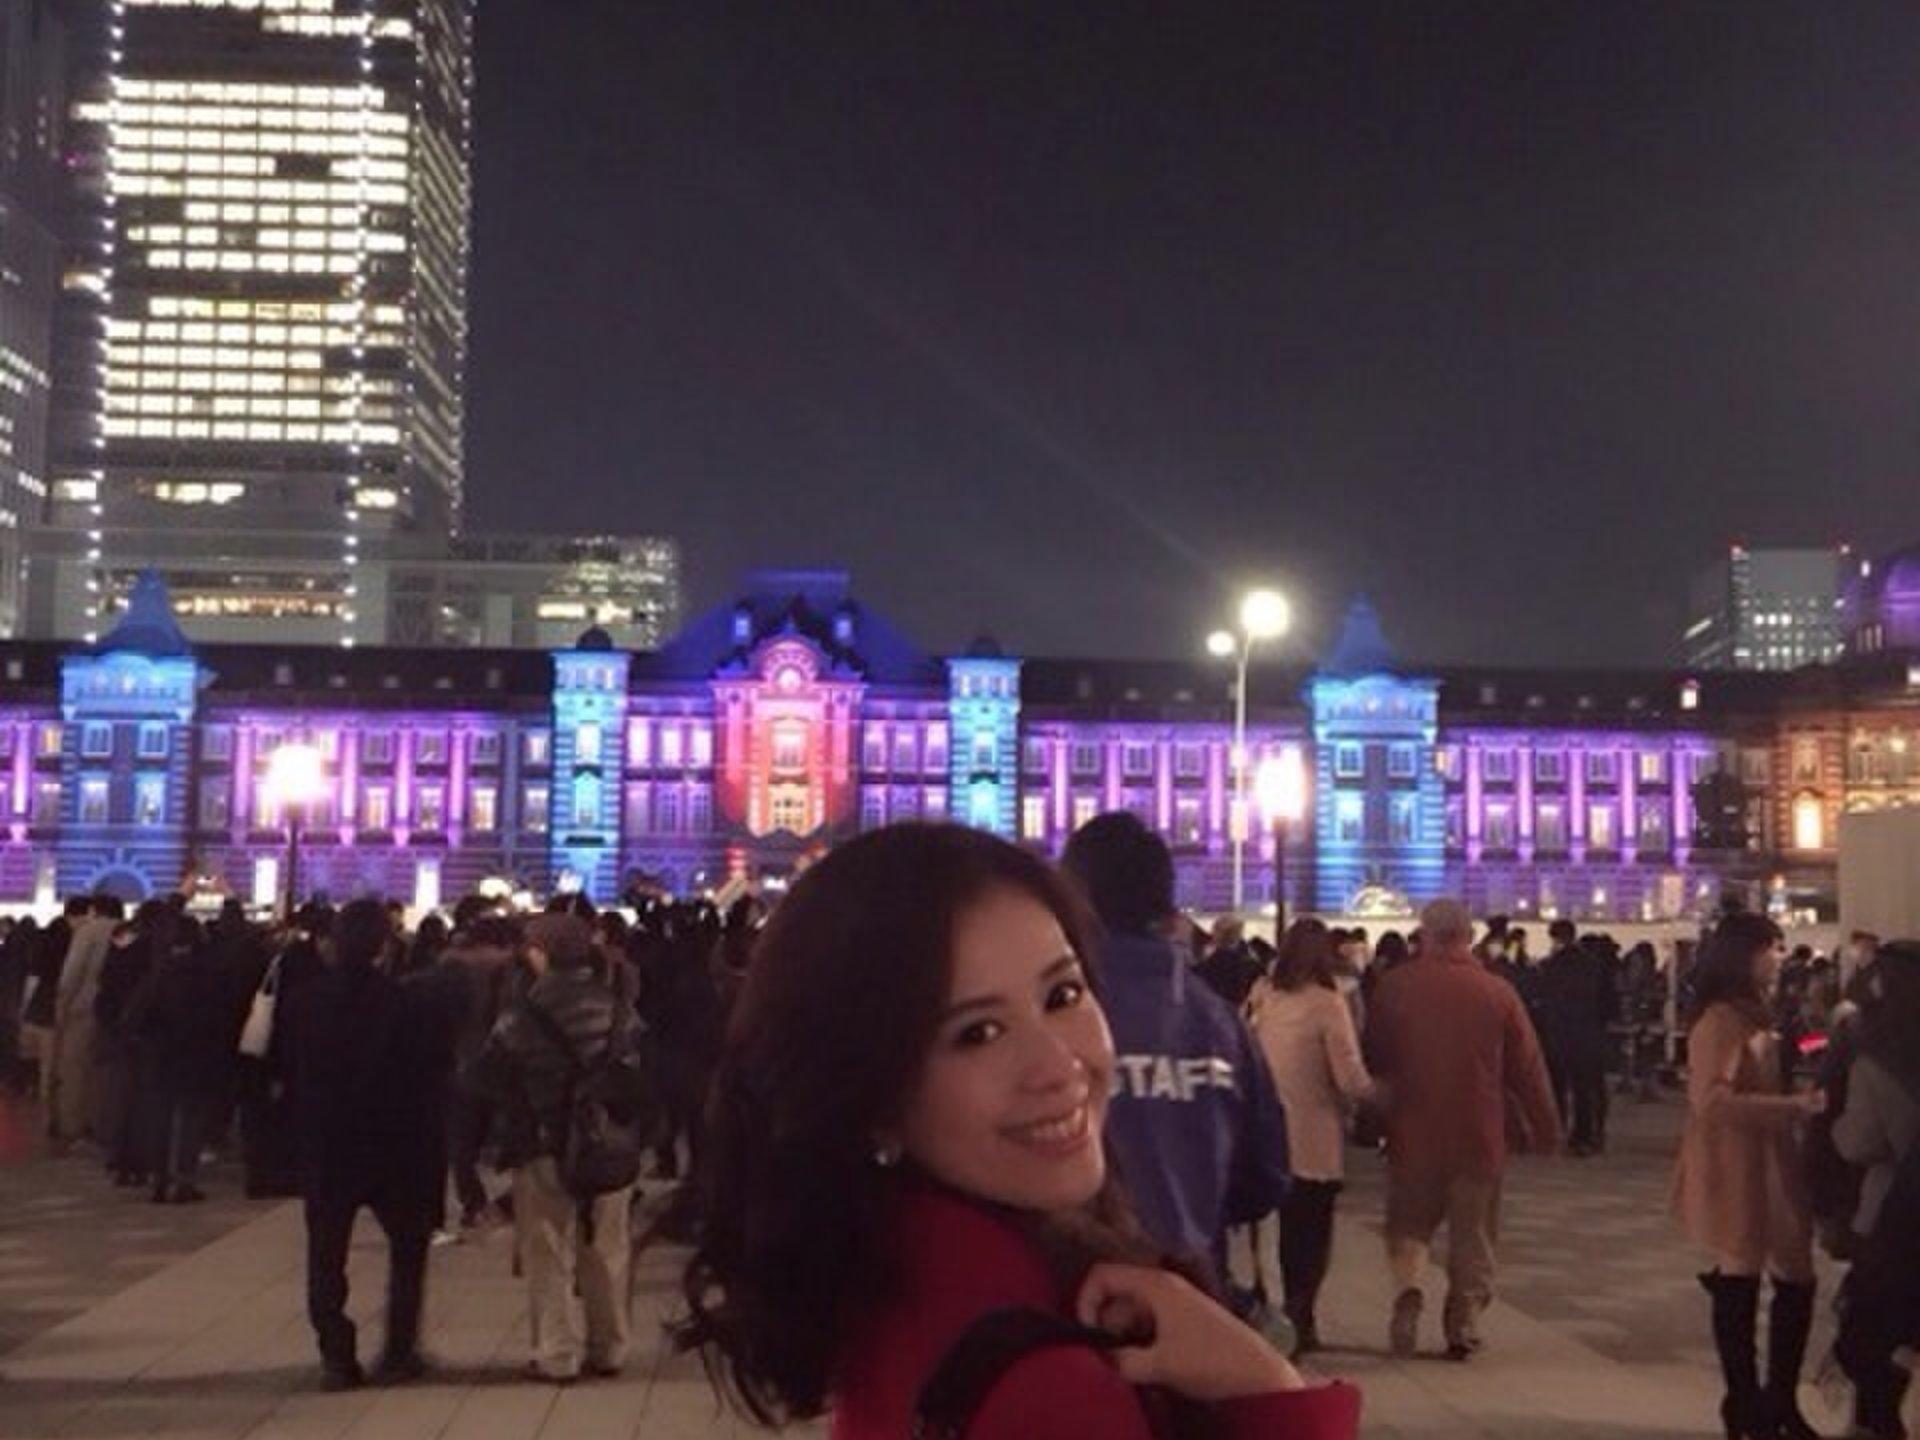 東京でおすすめデートプラン!開業100周年イベント!東京ミチテラス2014のイルミネーション情報♪